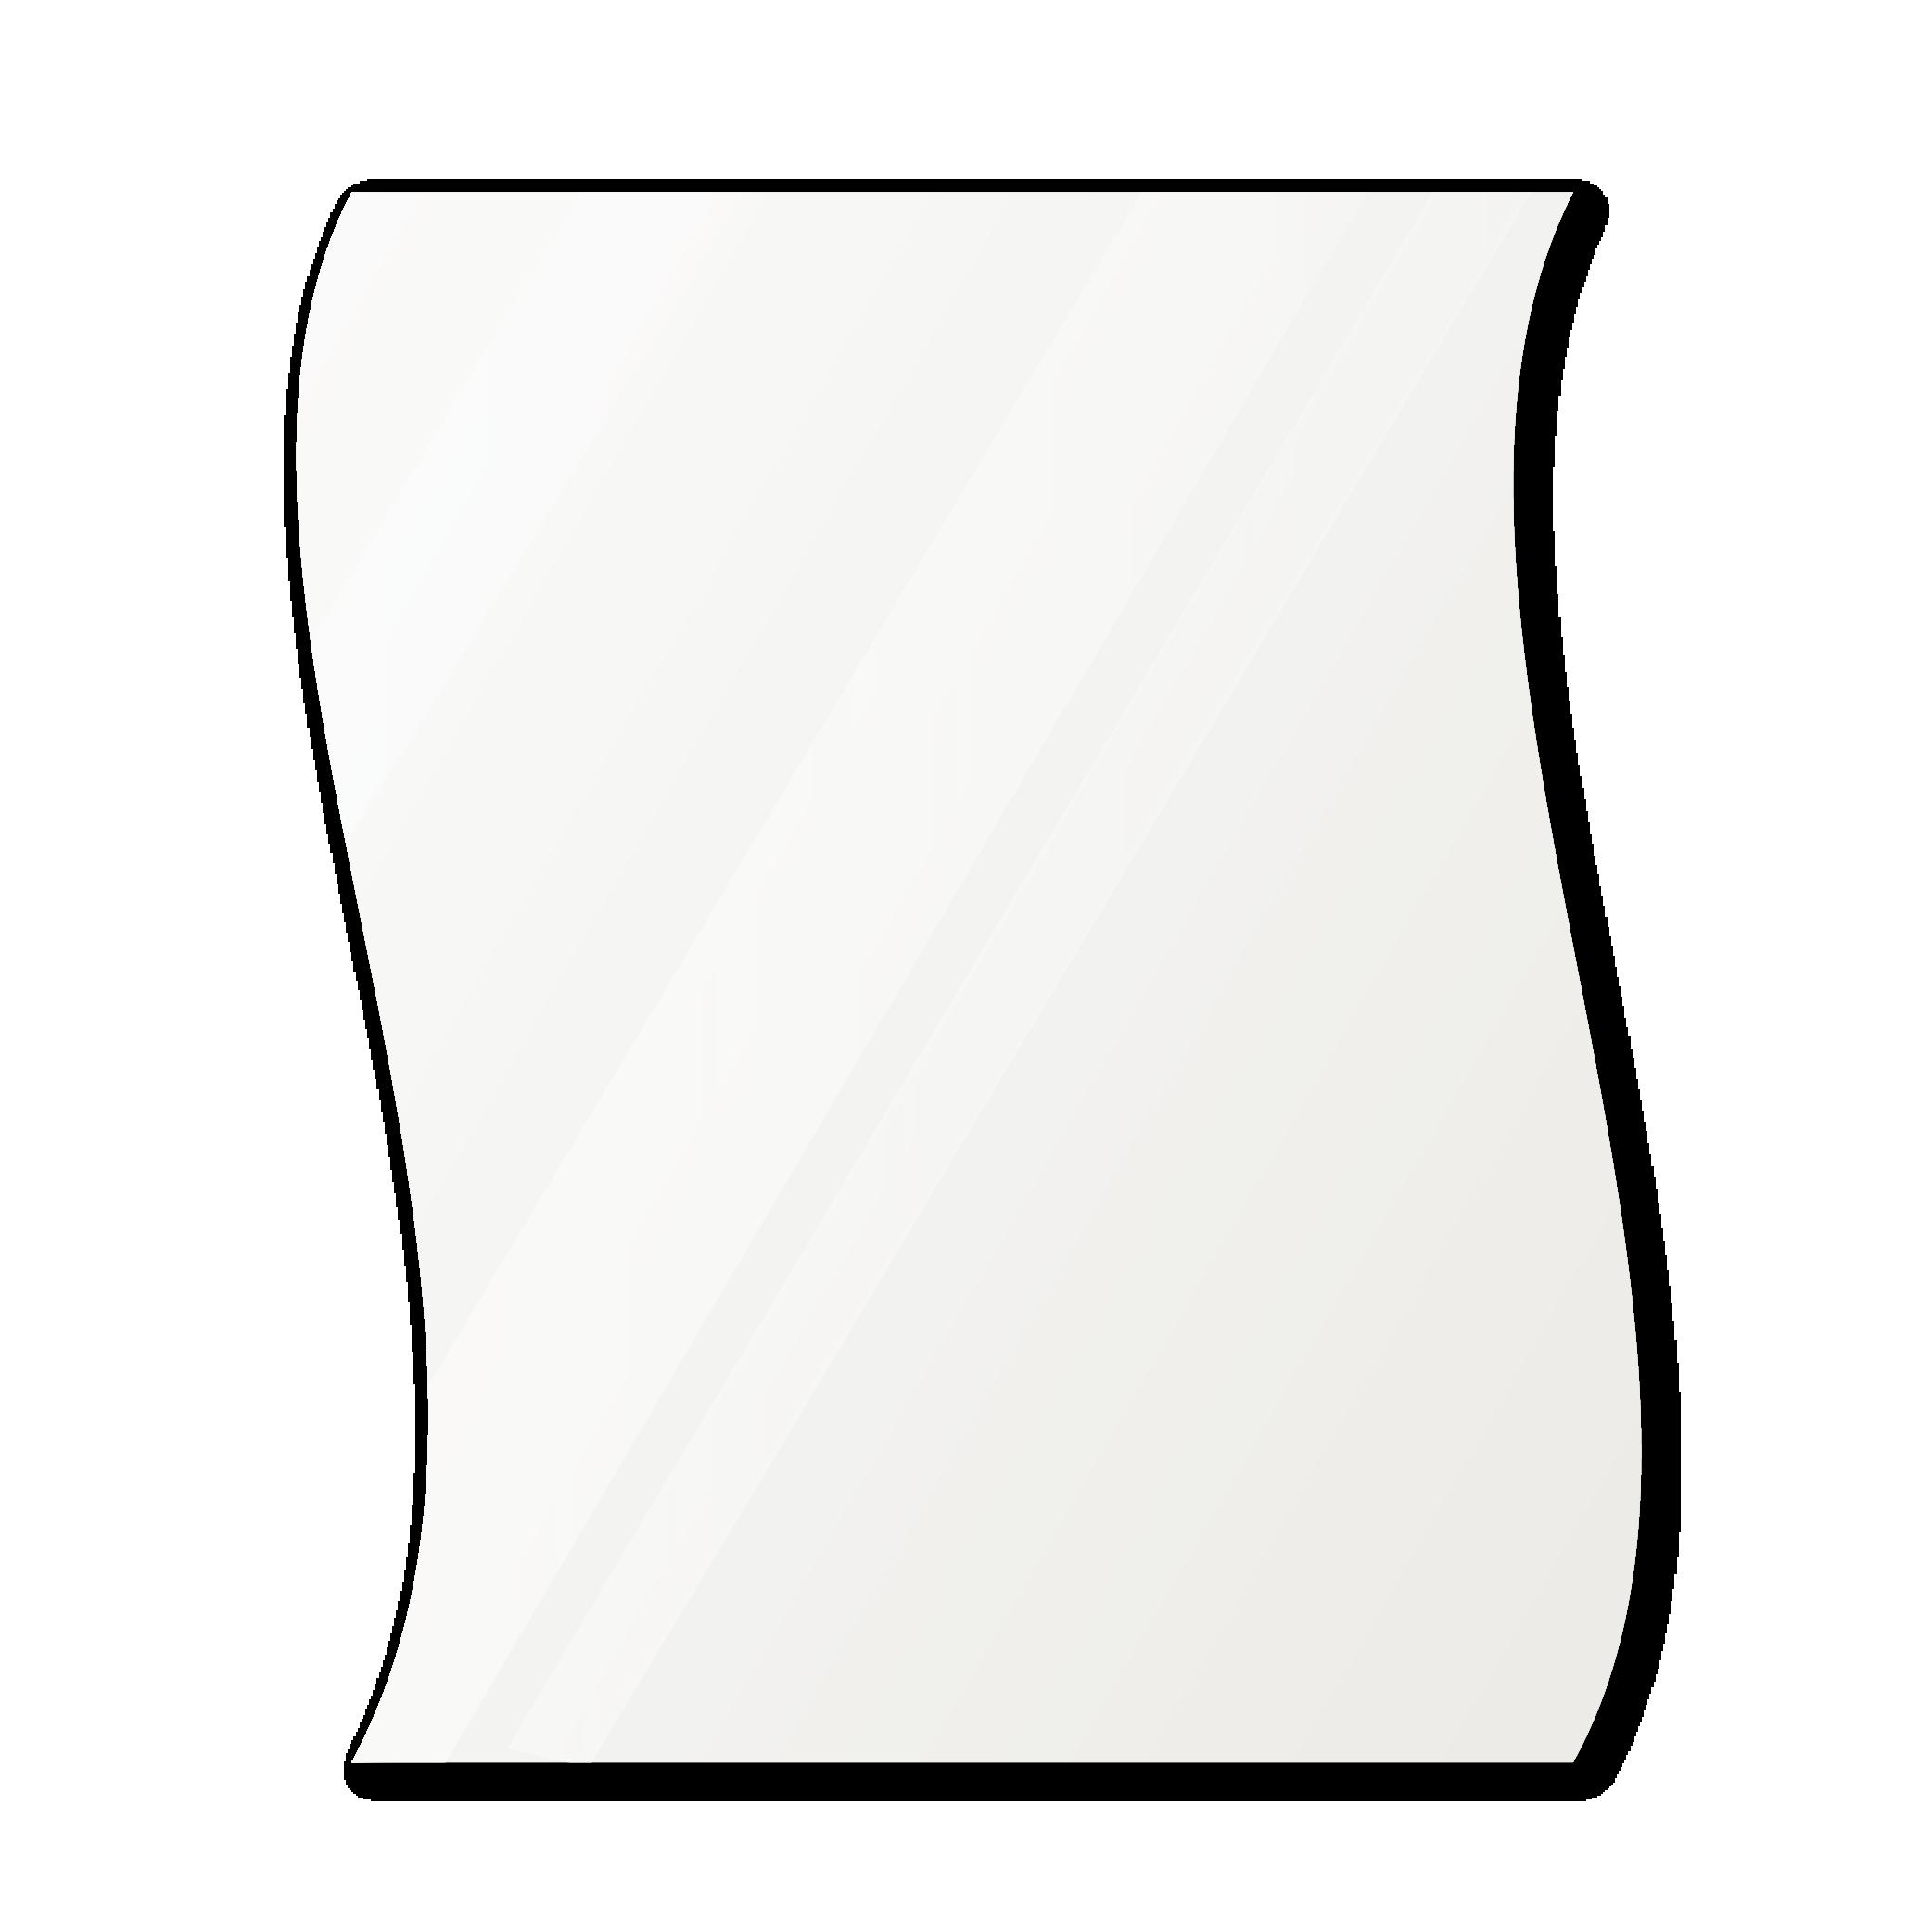 Фигурное зеркало 1000×900 мм осветленное с еврокромкой и креплением на клей